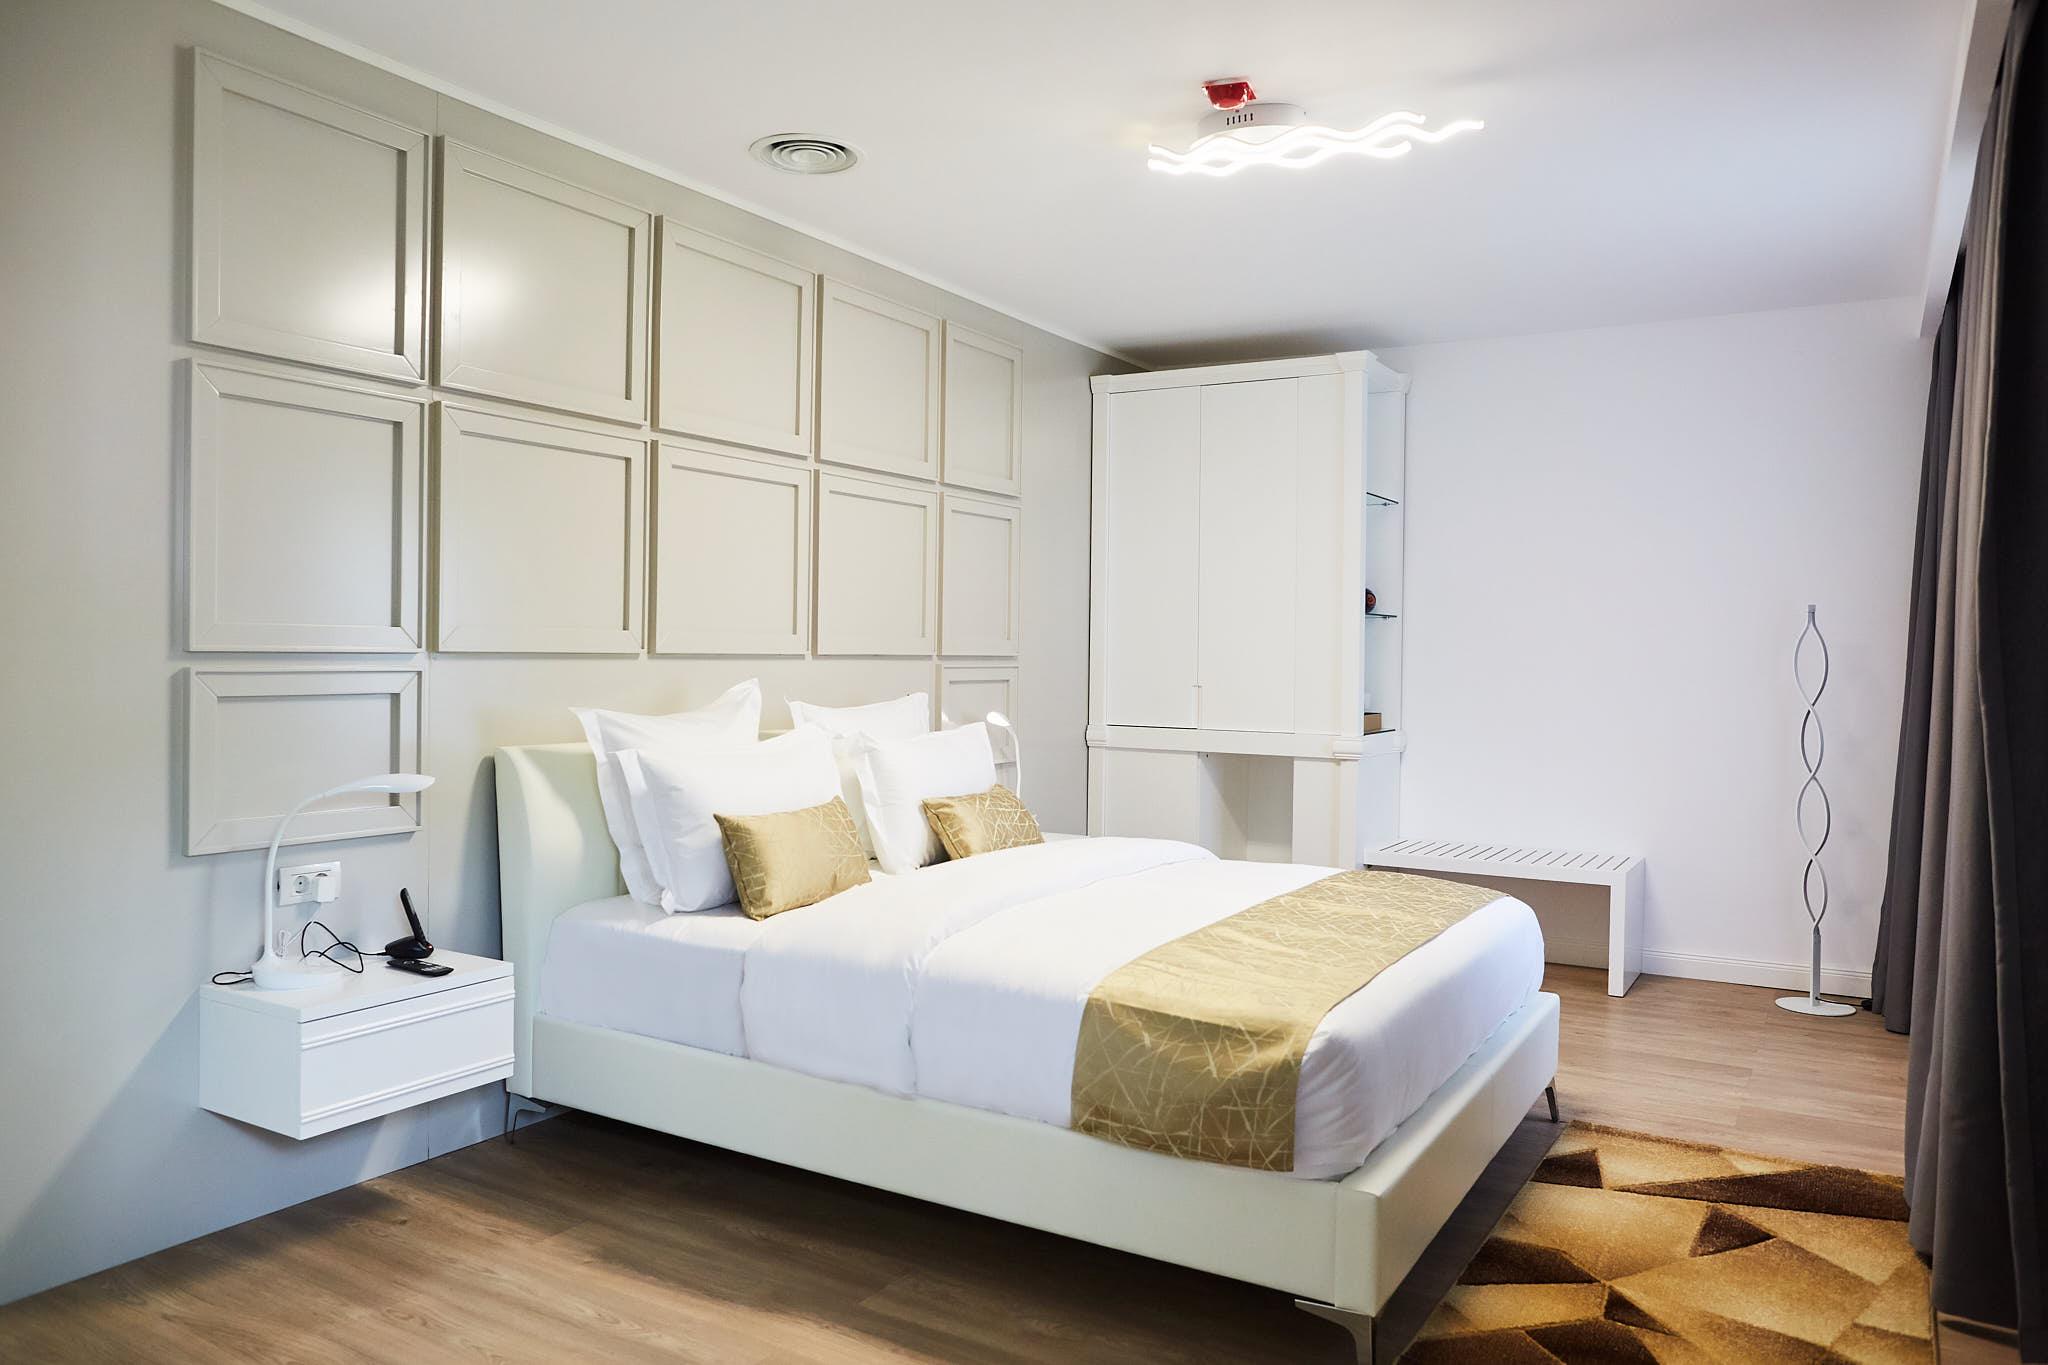 https://www.newlebadaresort.com/room/two-bedroom-suite/